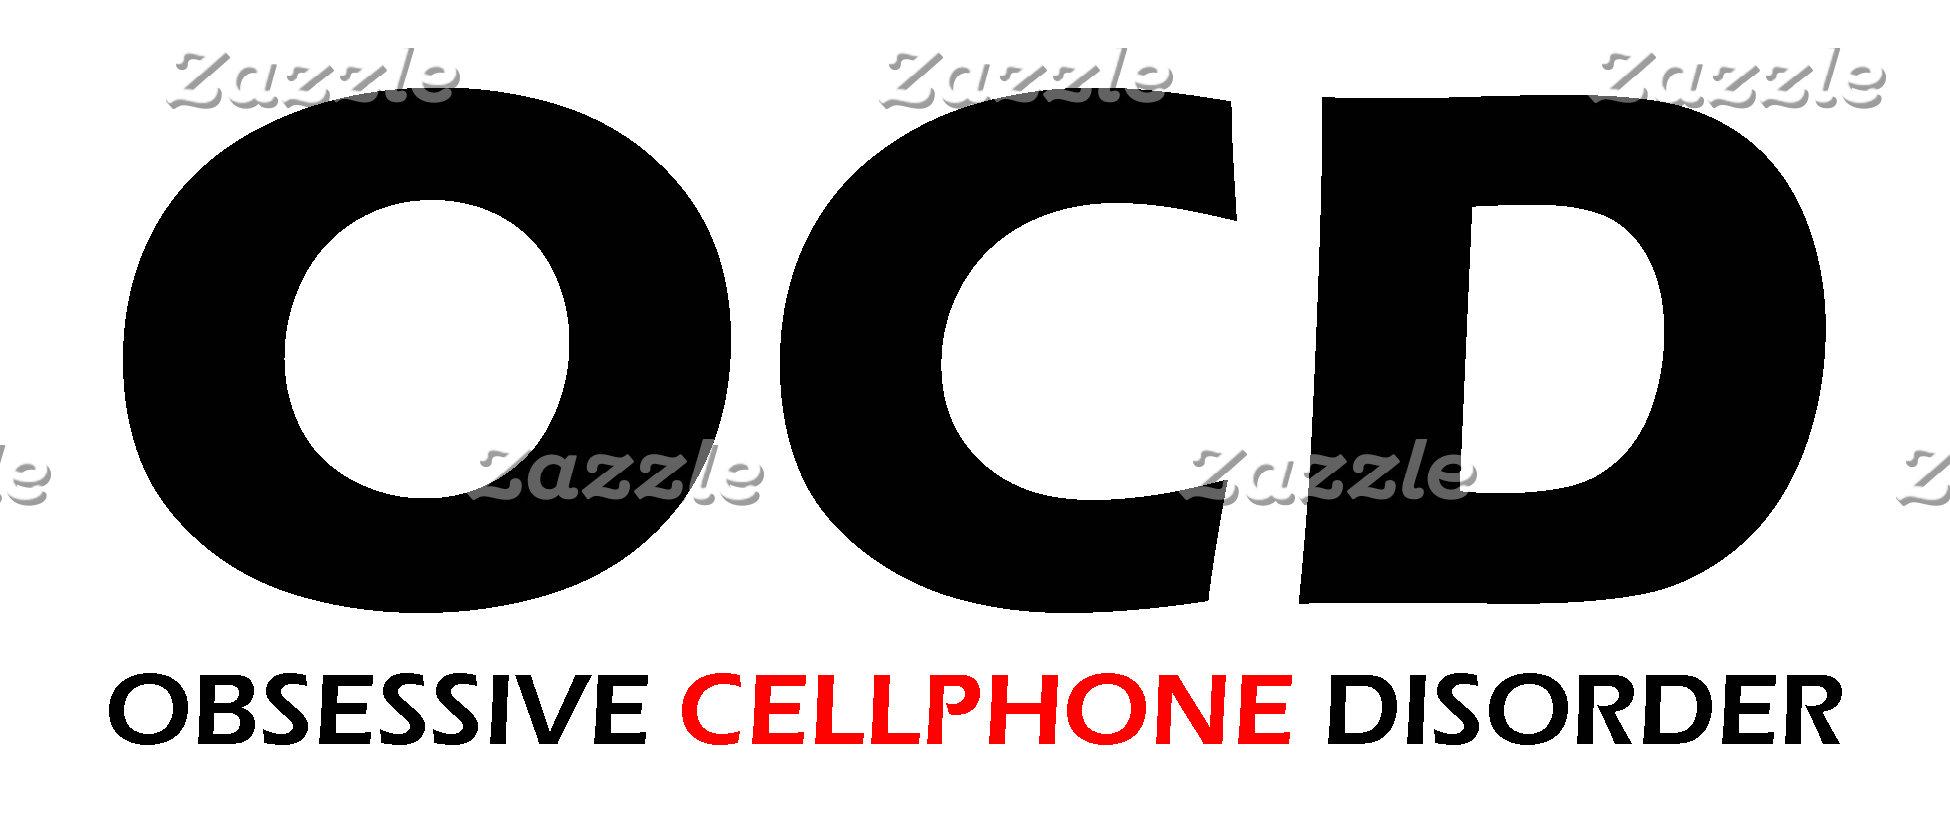 Obsessive Cellphone Disorder